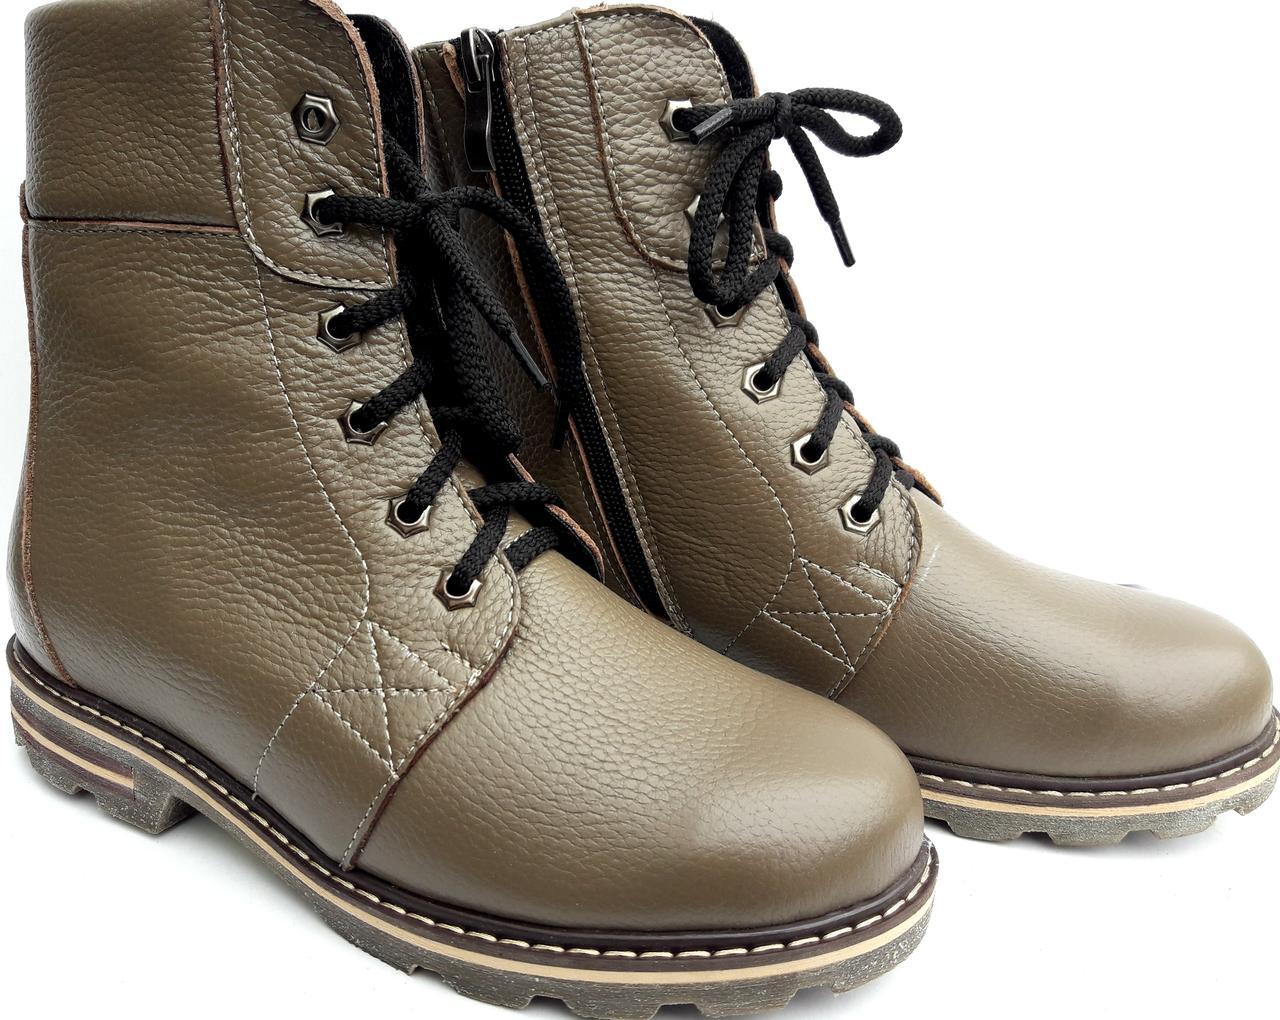 ad3628849 Женские зимние (овчине) ботинки из натуральной кожи на низком ходу бежевого  цвета - Eshafa